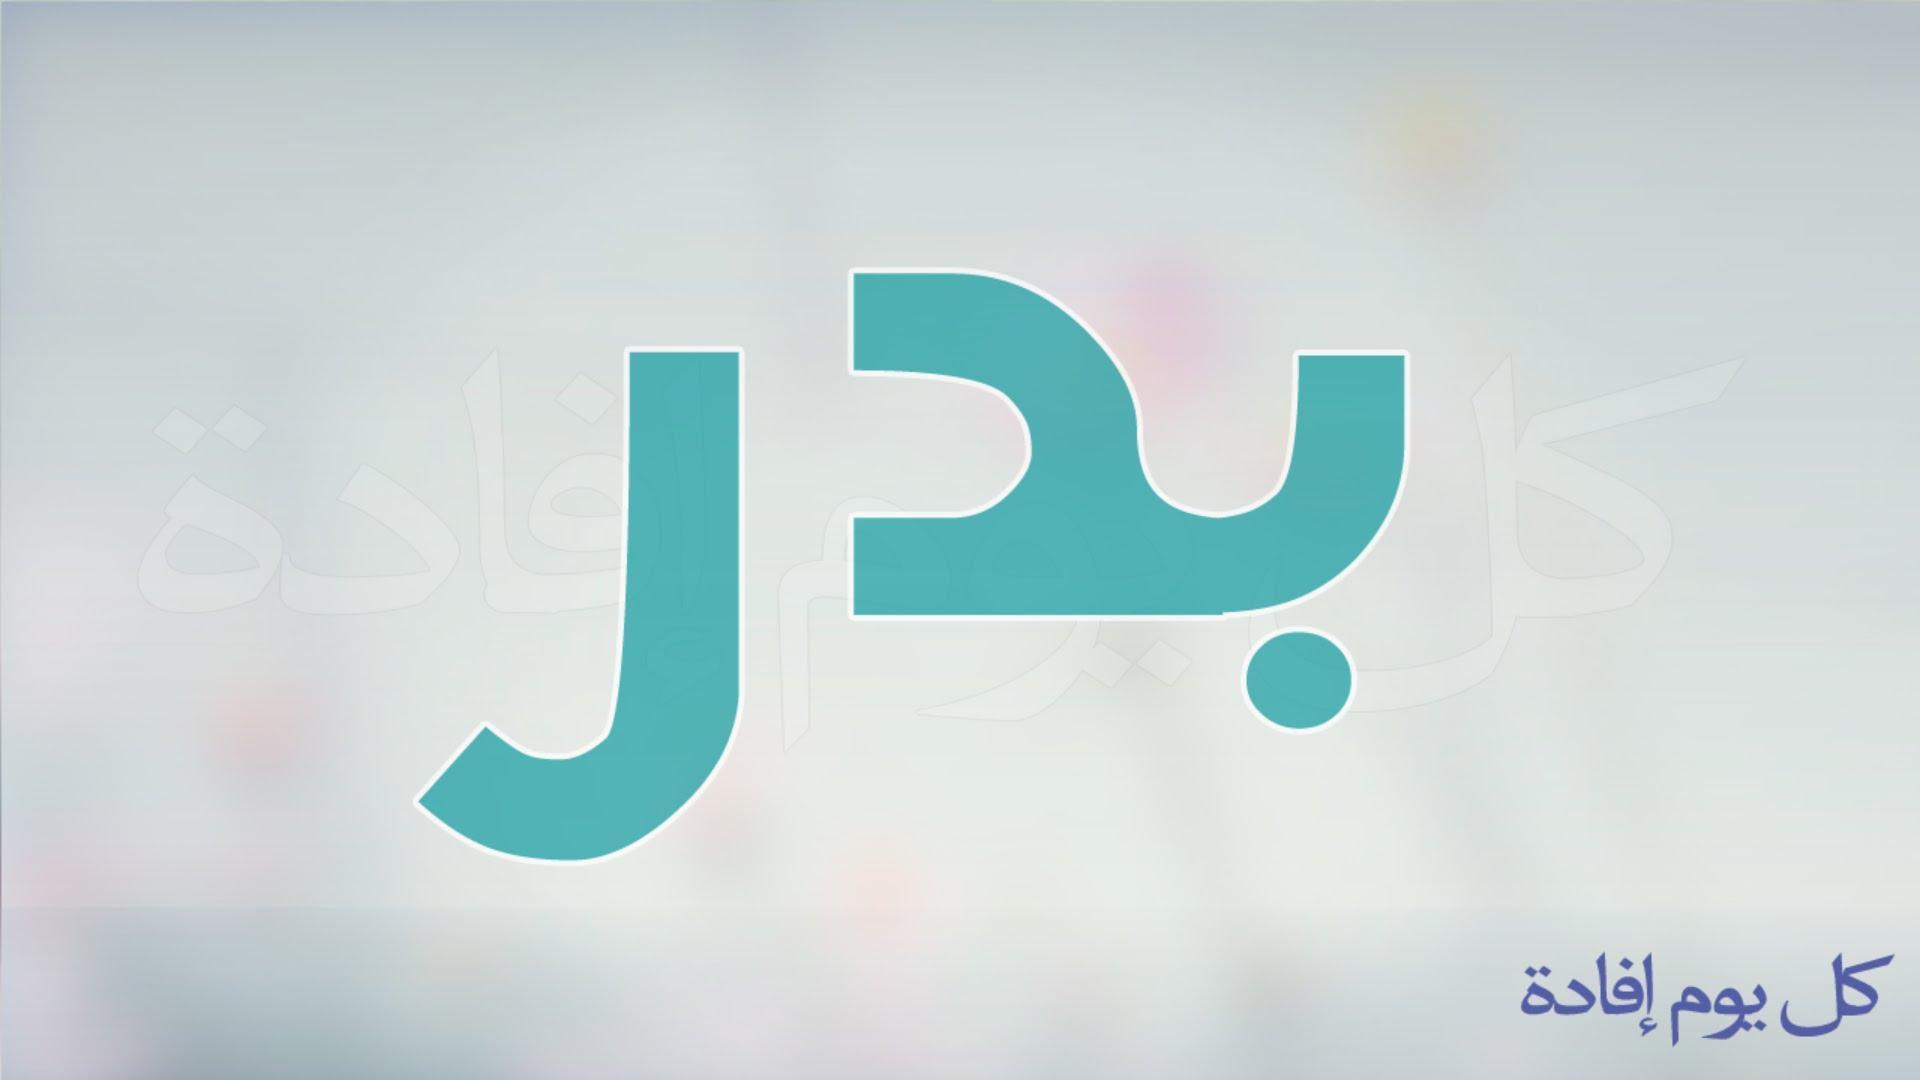 صوره مفرد كلمة بدو في قواميس ومعاجم اللغة العربية